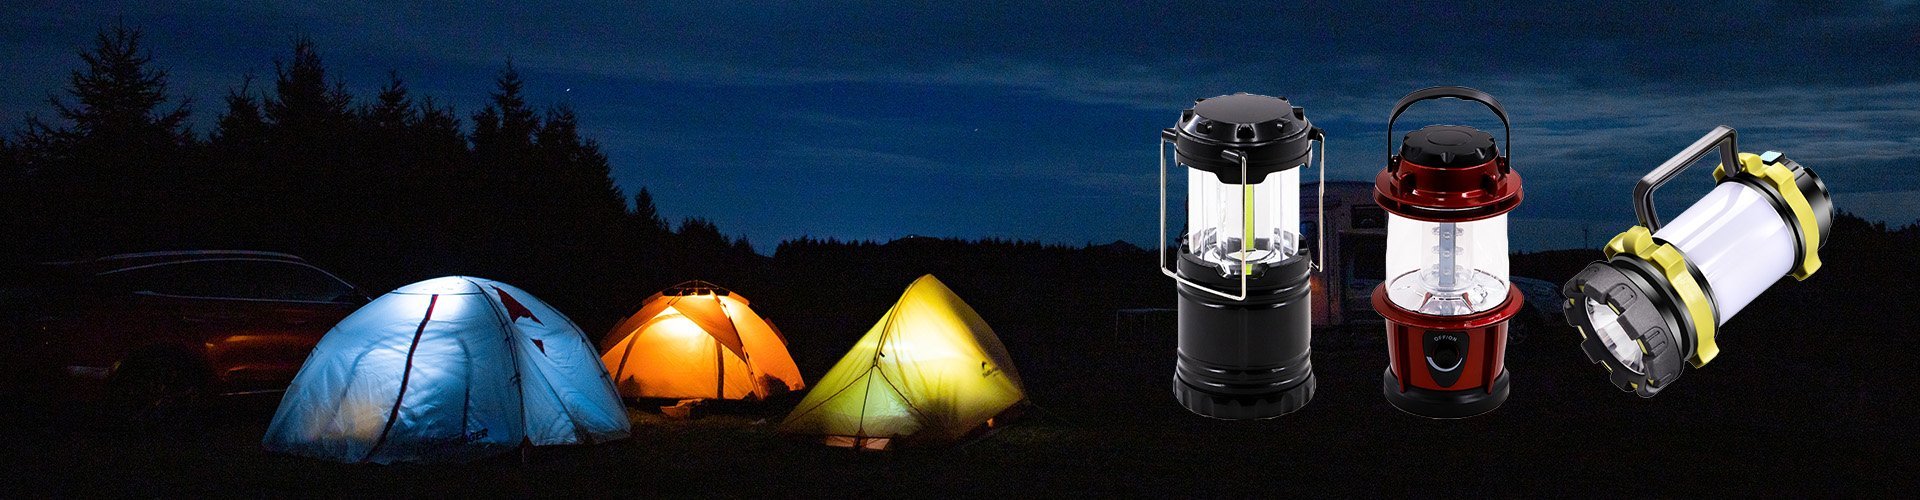 Camping Lantern Manufacturer